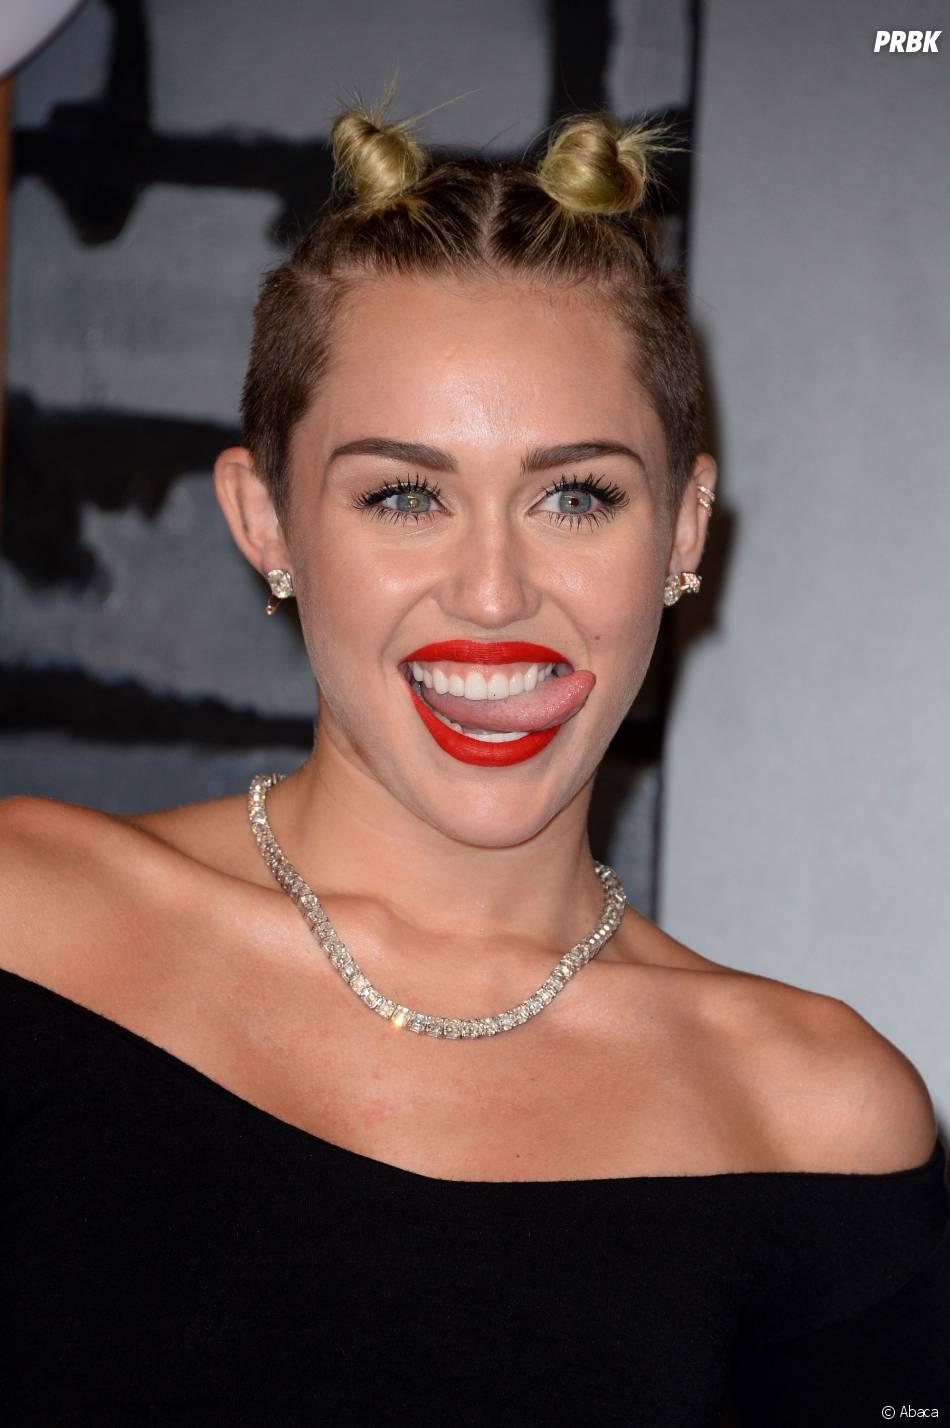 Miley Cyrus : sur eBay, son appareil photo coûte désormais 80 000 dollars